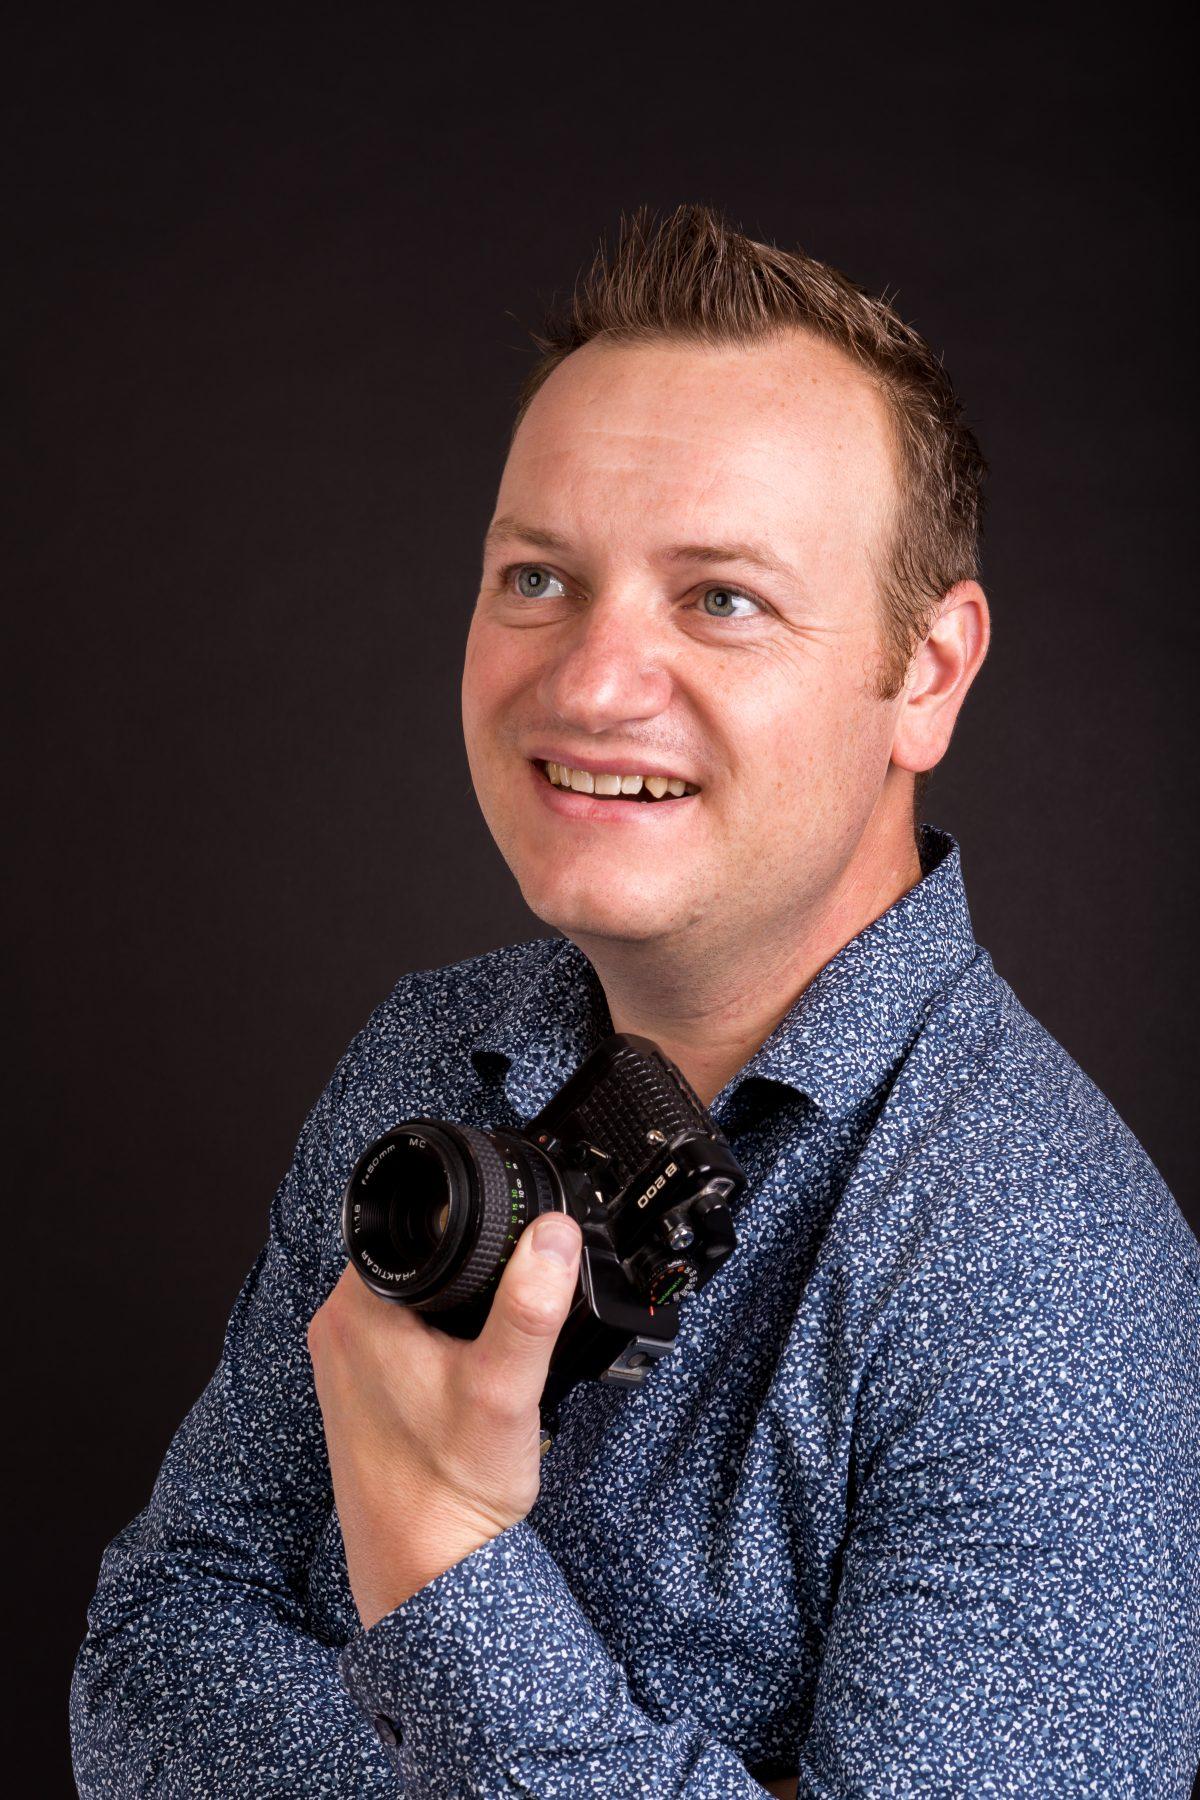 Wijgert IJlst portret met camera